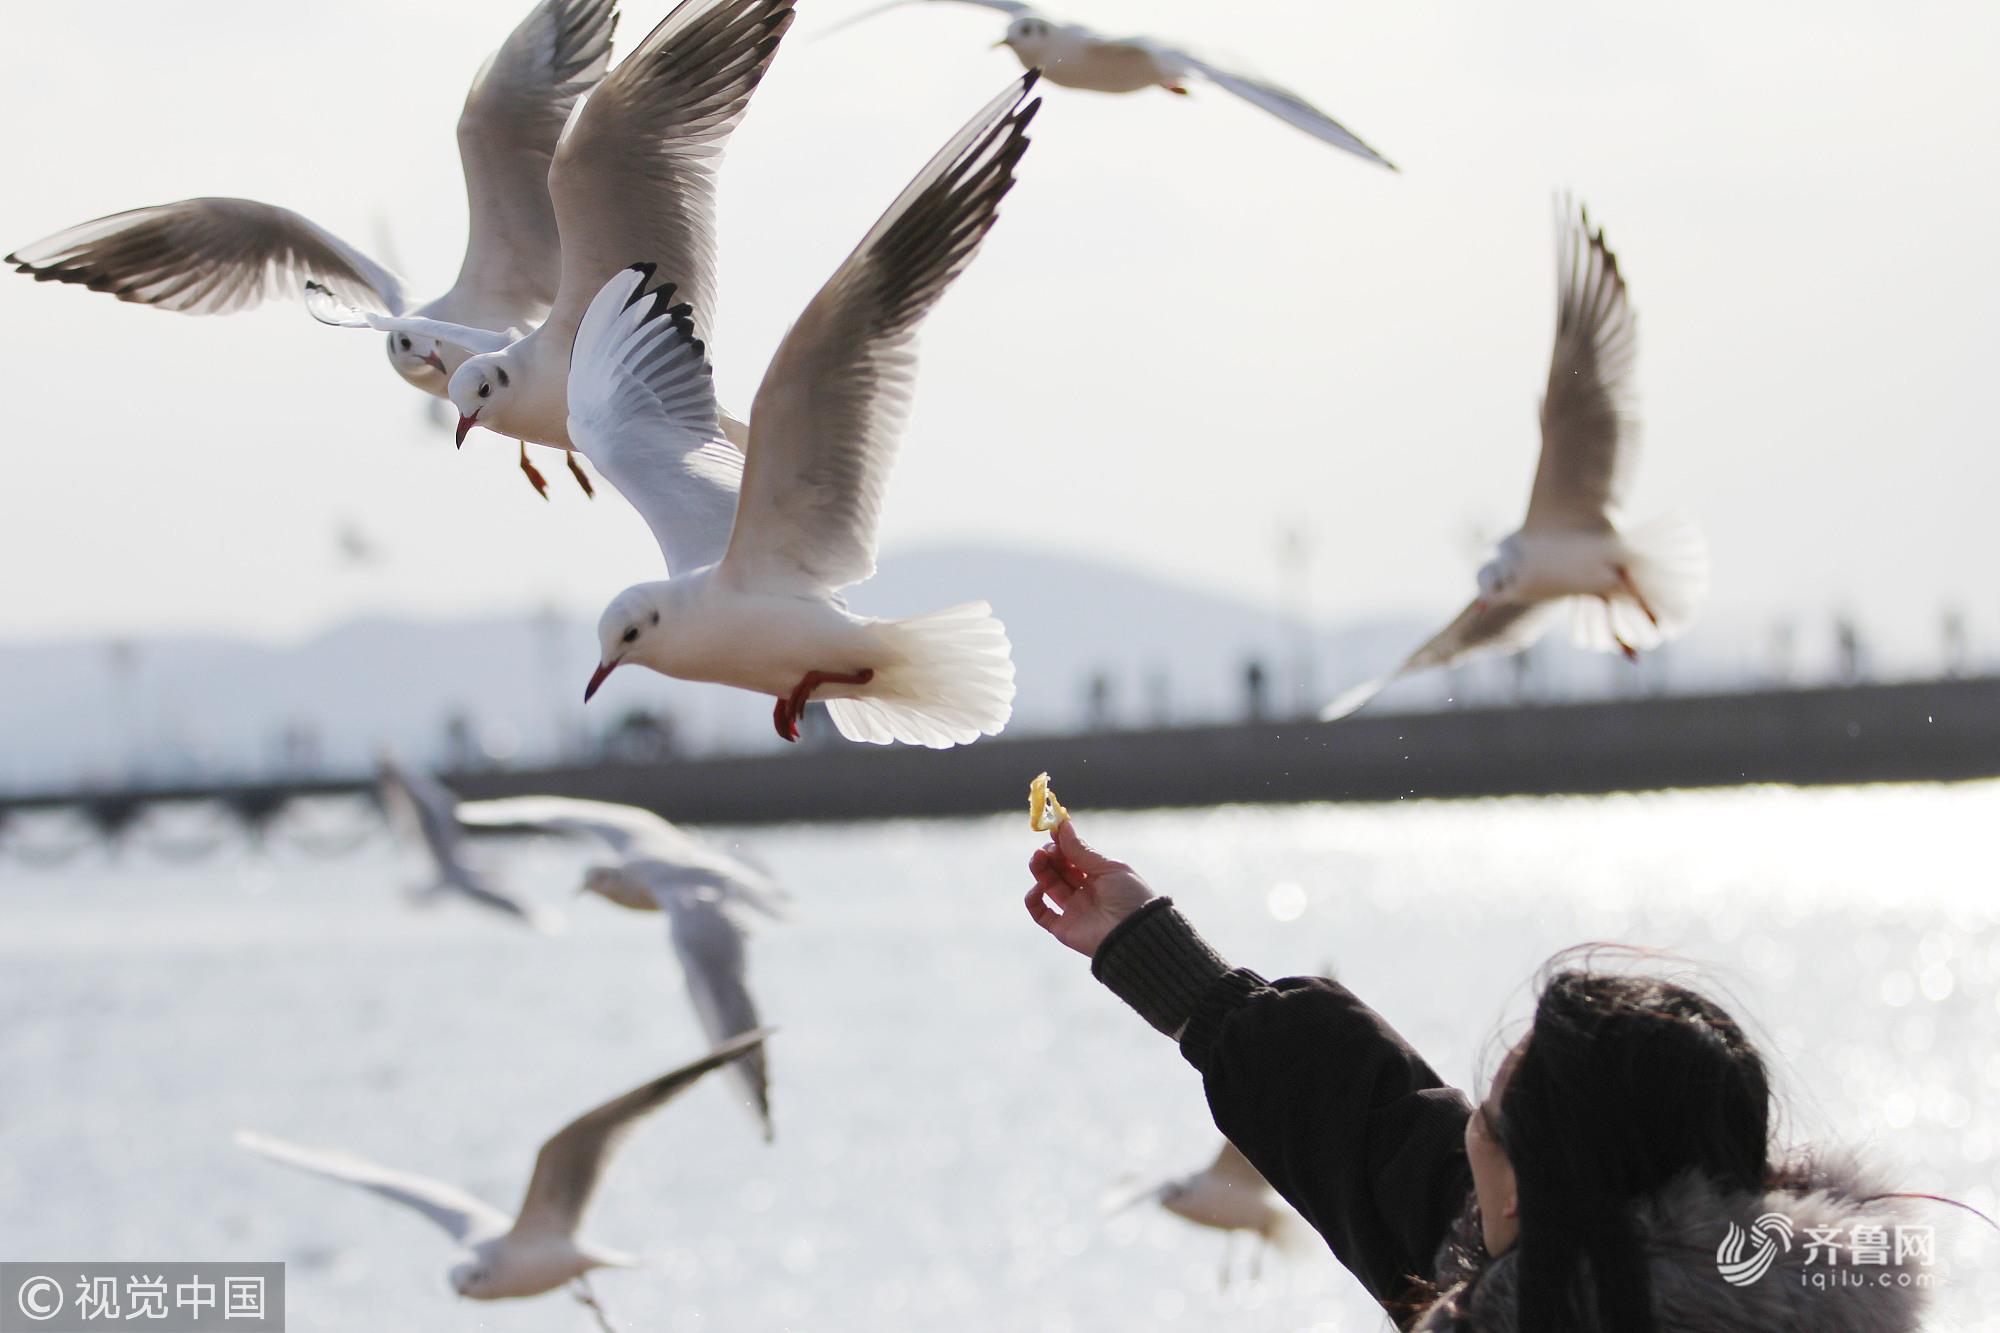 人鸥共欢!青岛:寒冬鸥舞栈桥